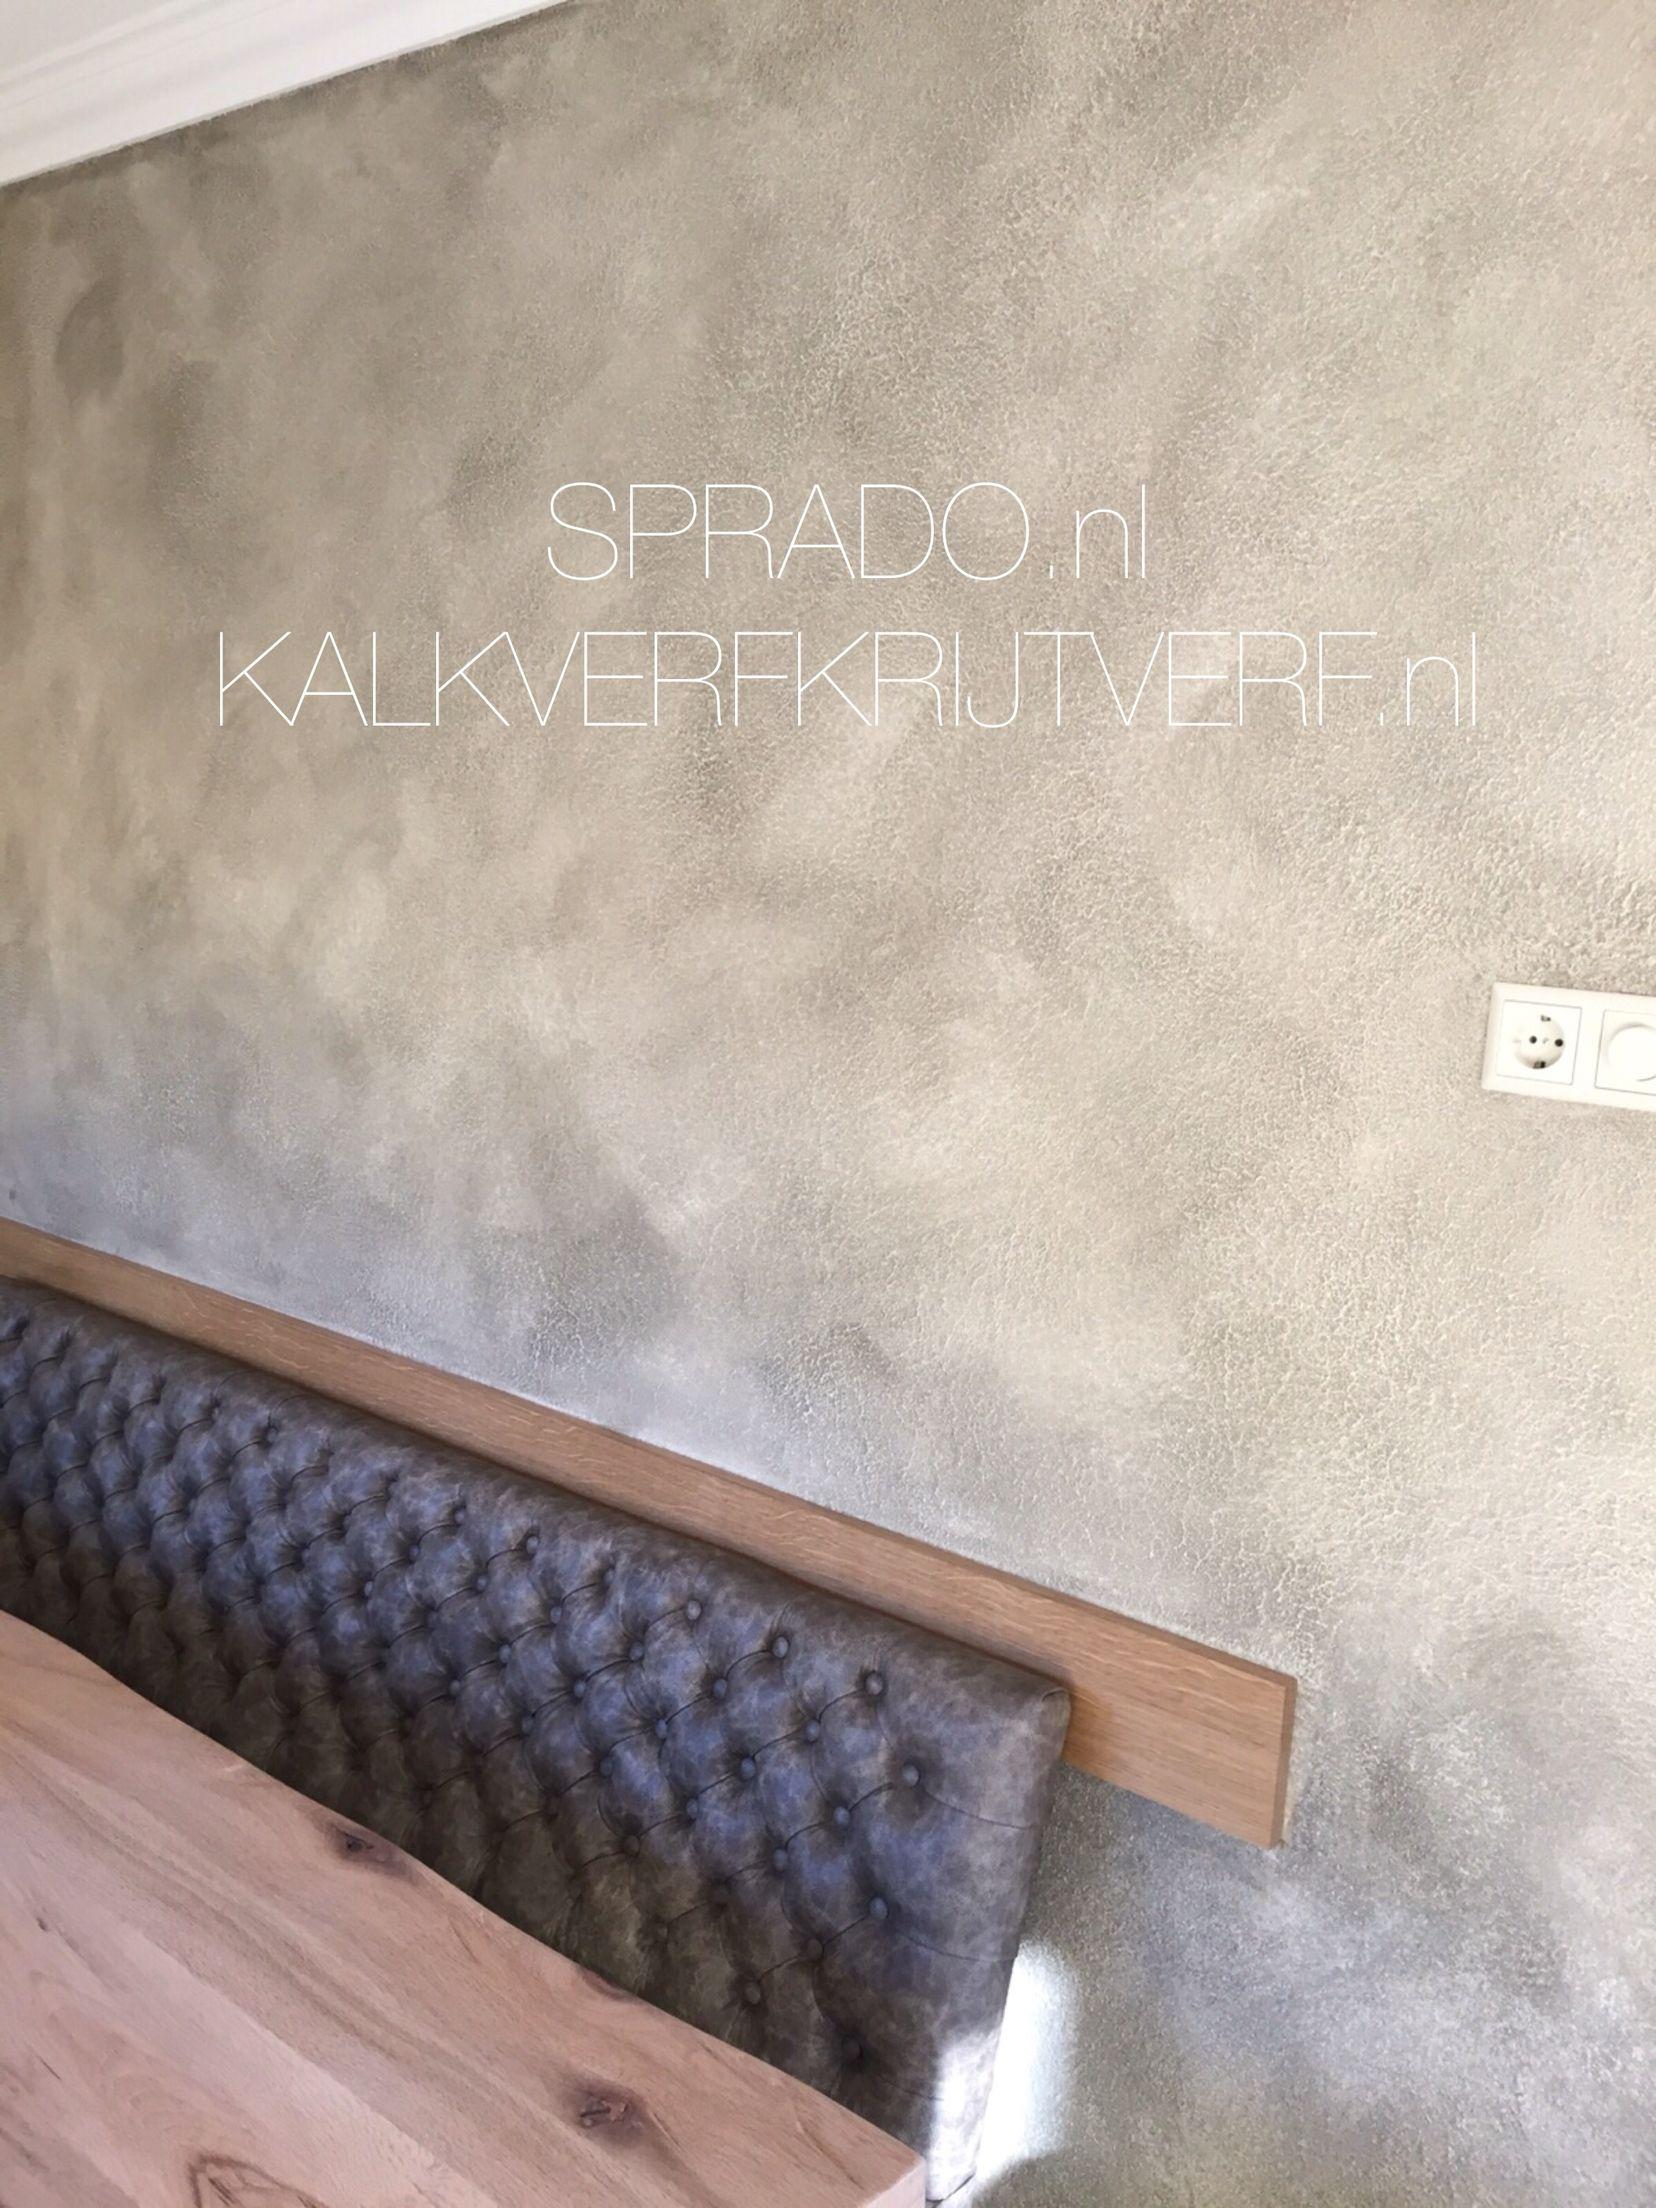 Betonlook verf van l 39 authentique paints kleur zandsteen for Betonlook verf